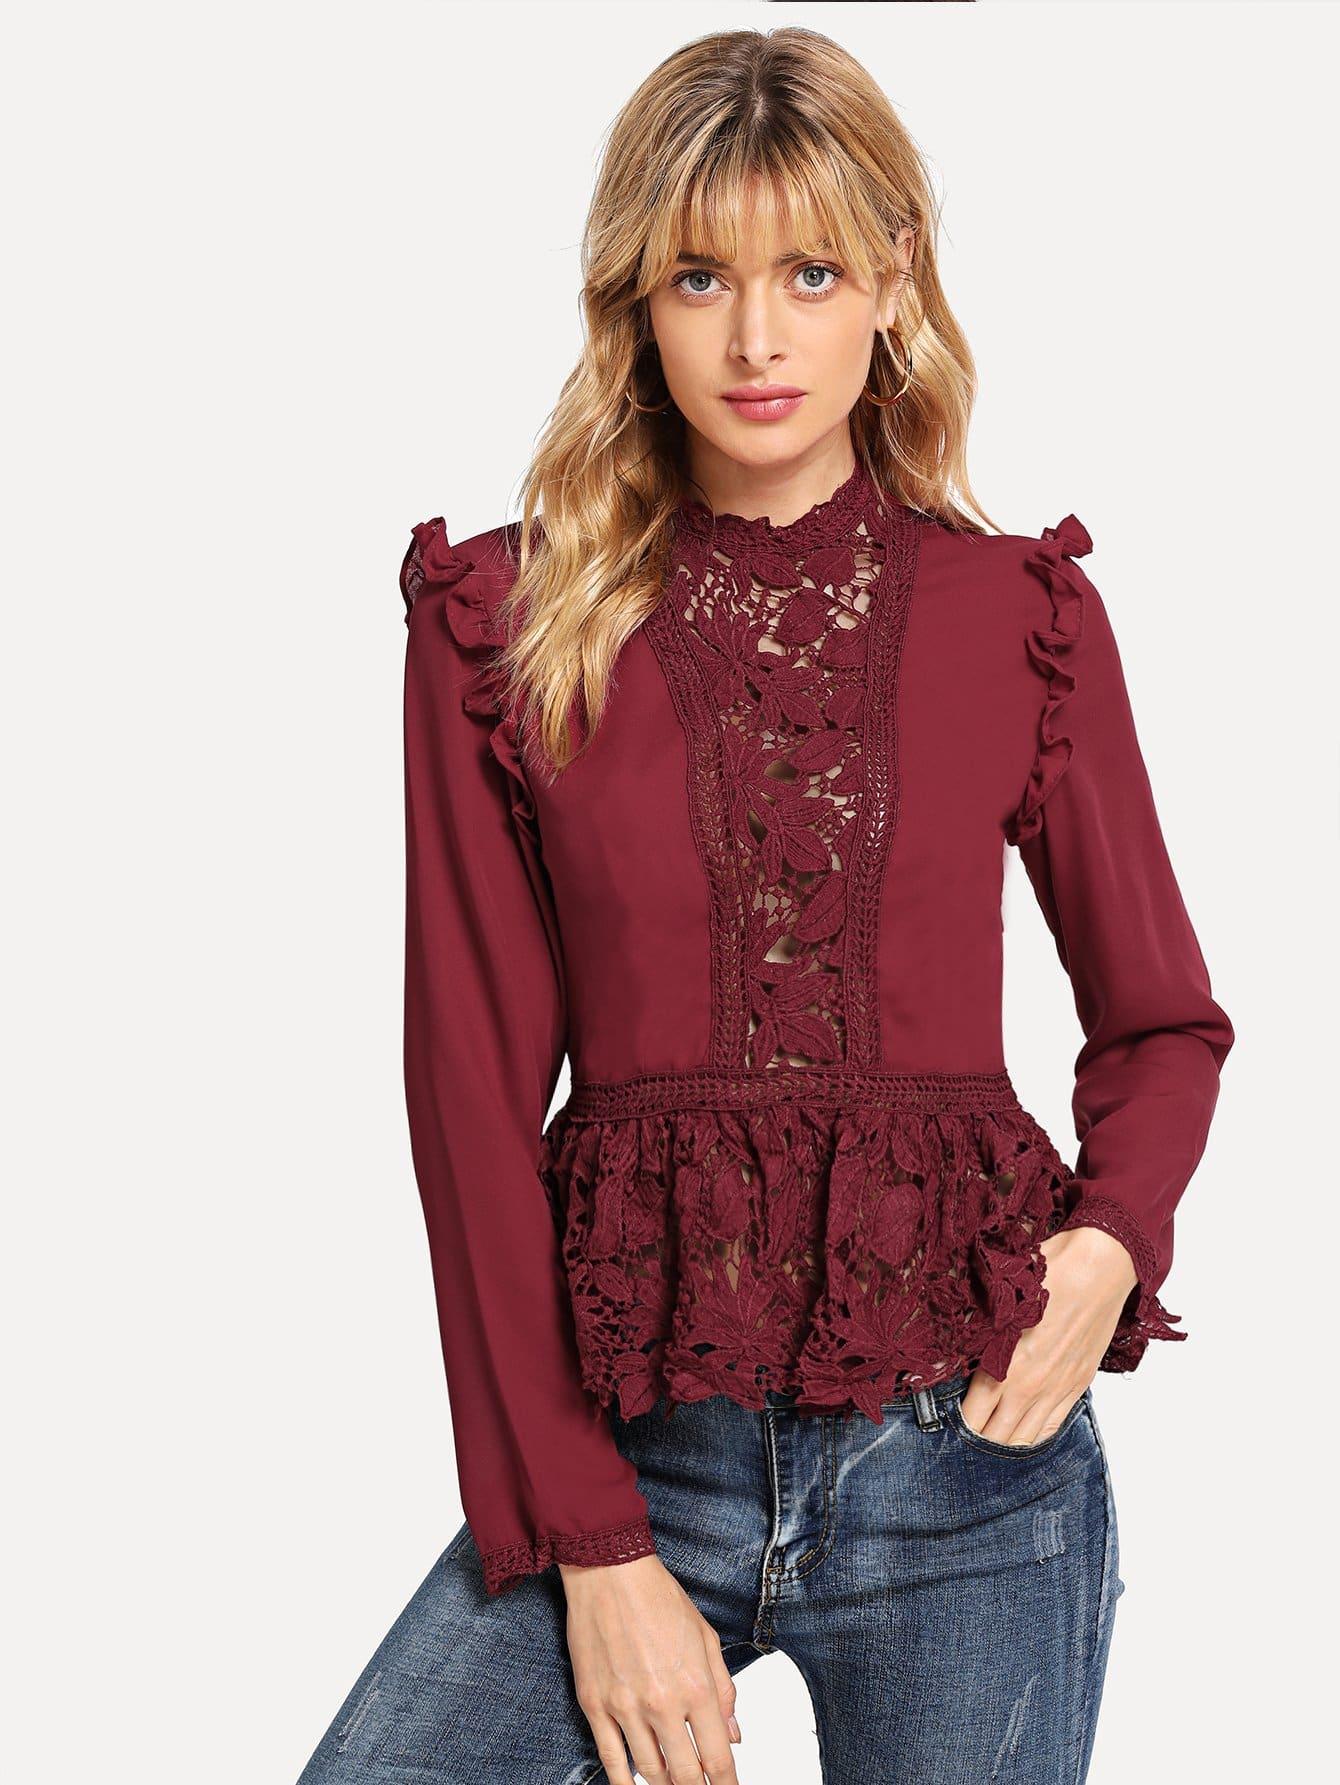 Купить Peplum блузка с кружевами и плечо со складками, Masha, SheIn